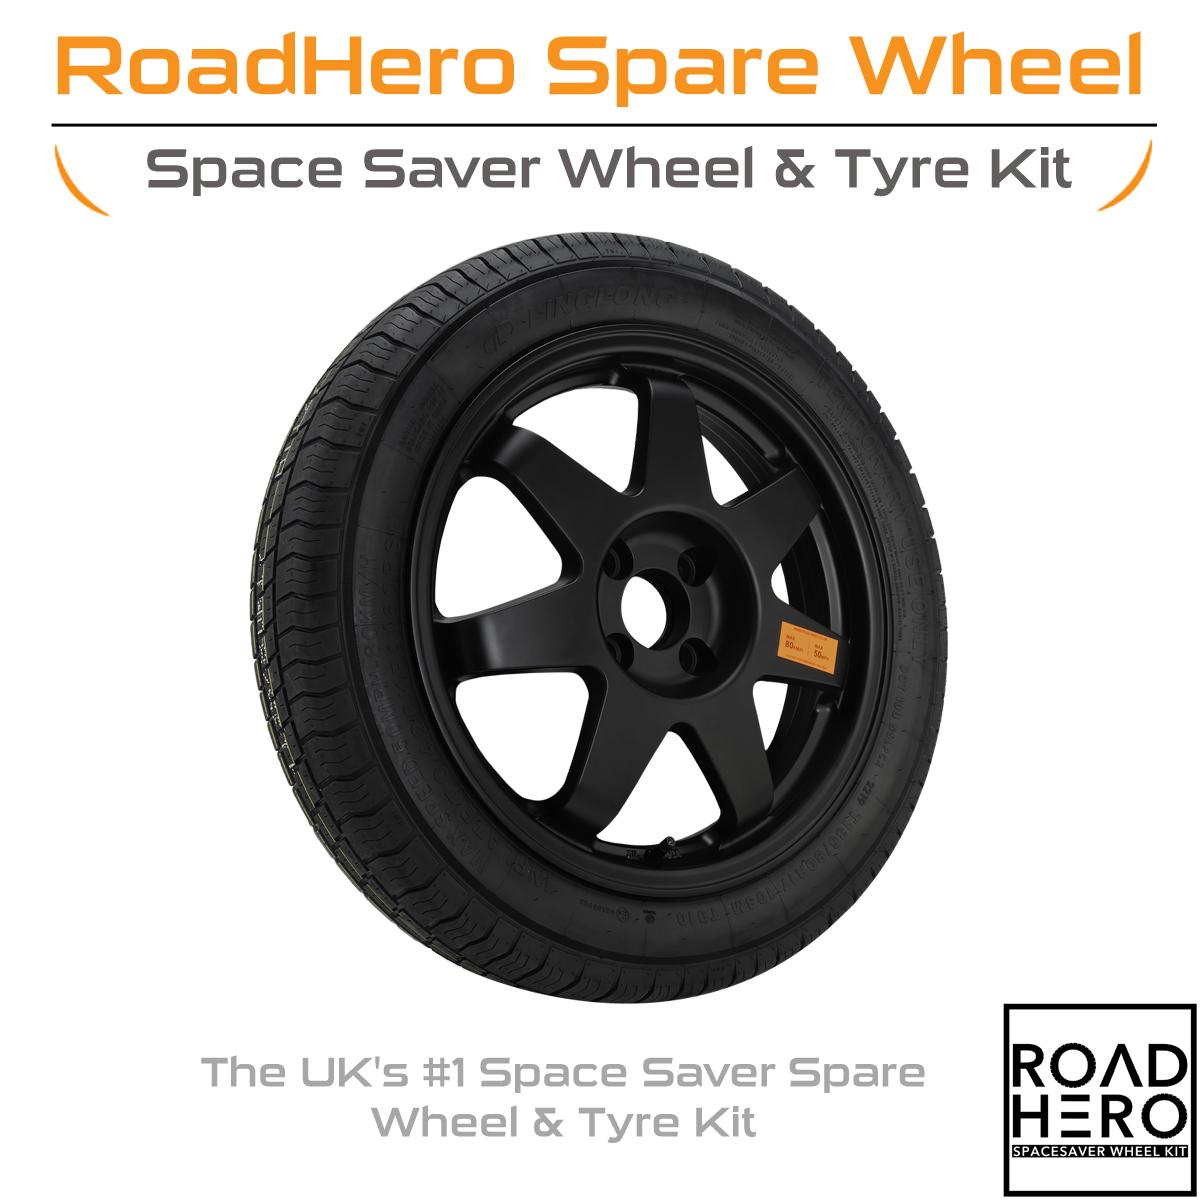 Roadhero-rh085-Space-Saver-Ersatzrad-und-Reifen-fuer-Mercedes-GLA-Klasse-x156-14-19